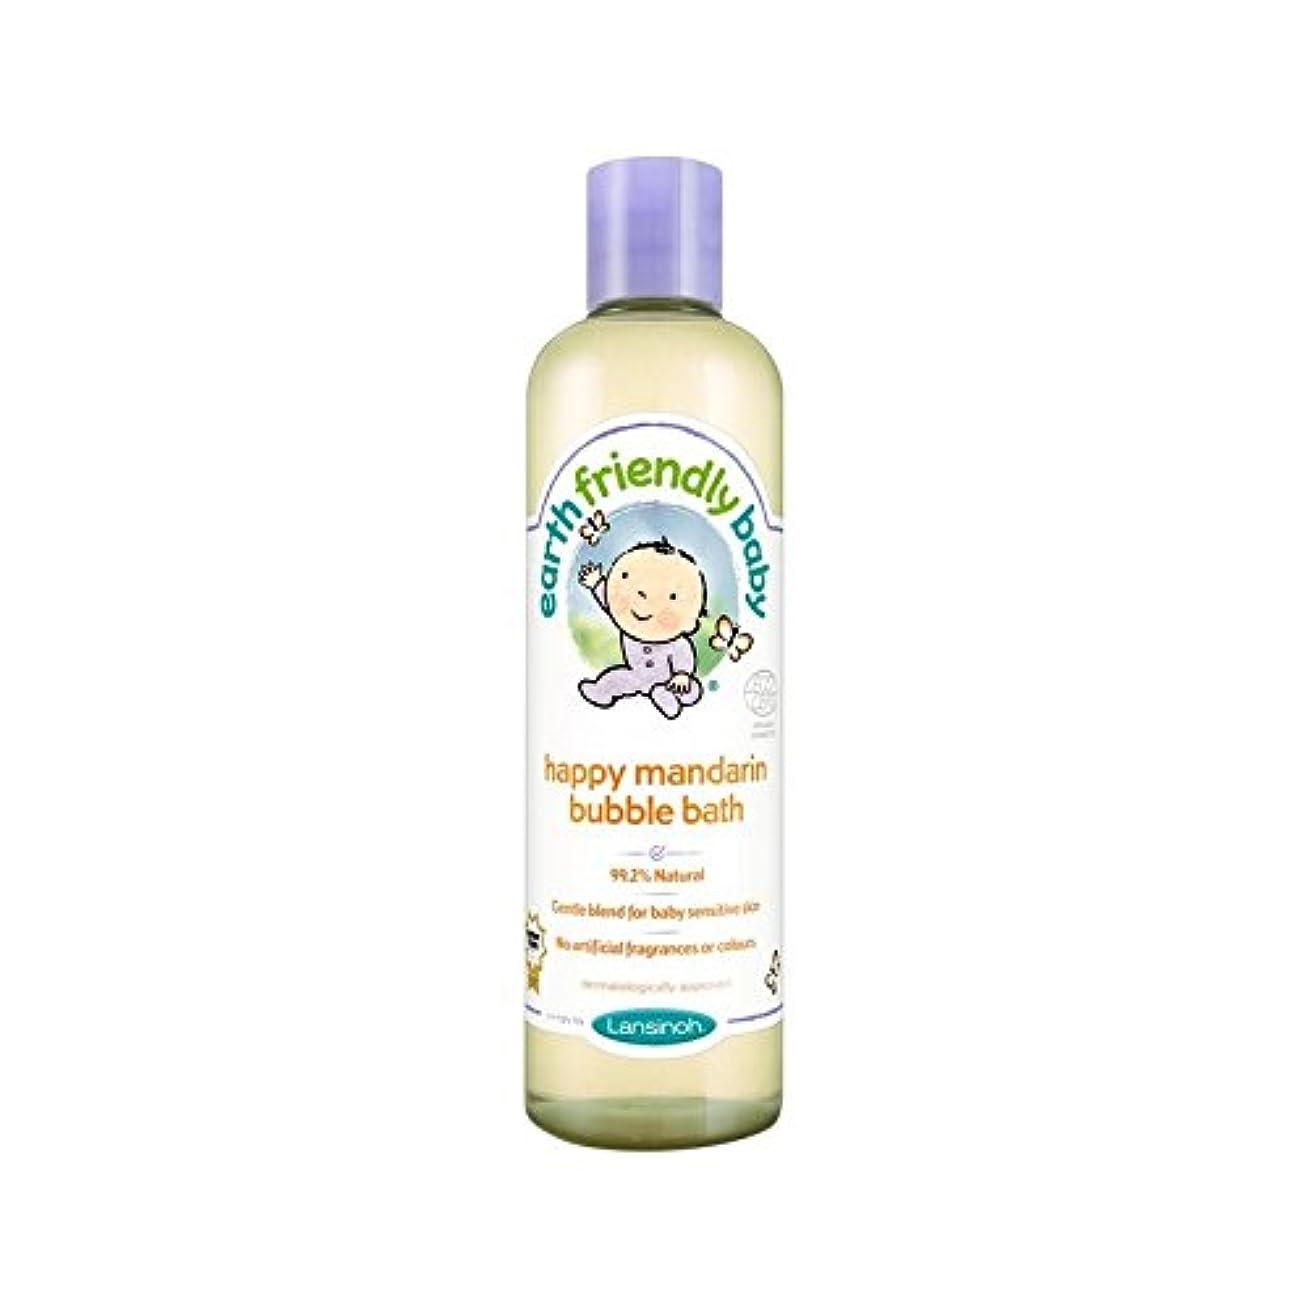 継続中ボイコット満足できる赤ちゃん幸せなマンダリン泡風呂のエコサートの300ミリリットル (Earth Friendly) (x 6) - Earth Friendly Baby Happy Mandarin Bubble Bath ECOCERT 300ml (Pack of 6) [並行輸入品]